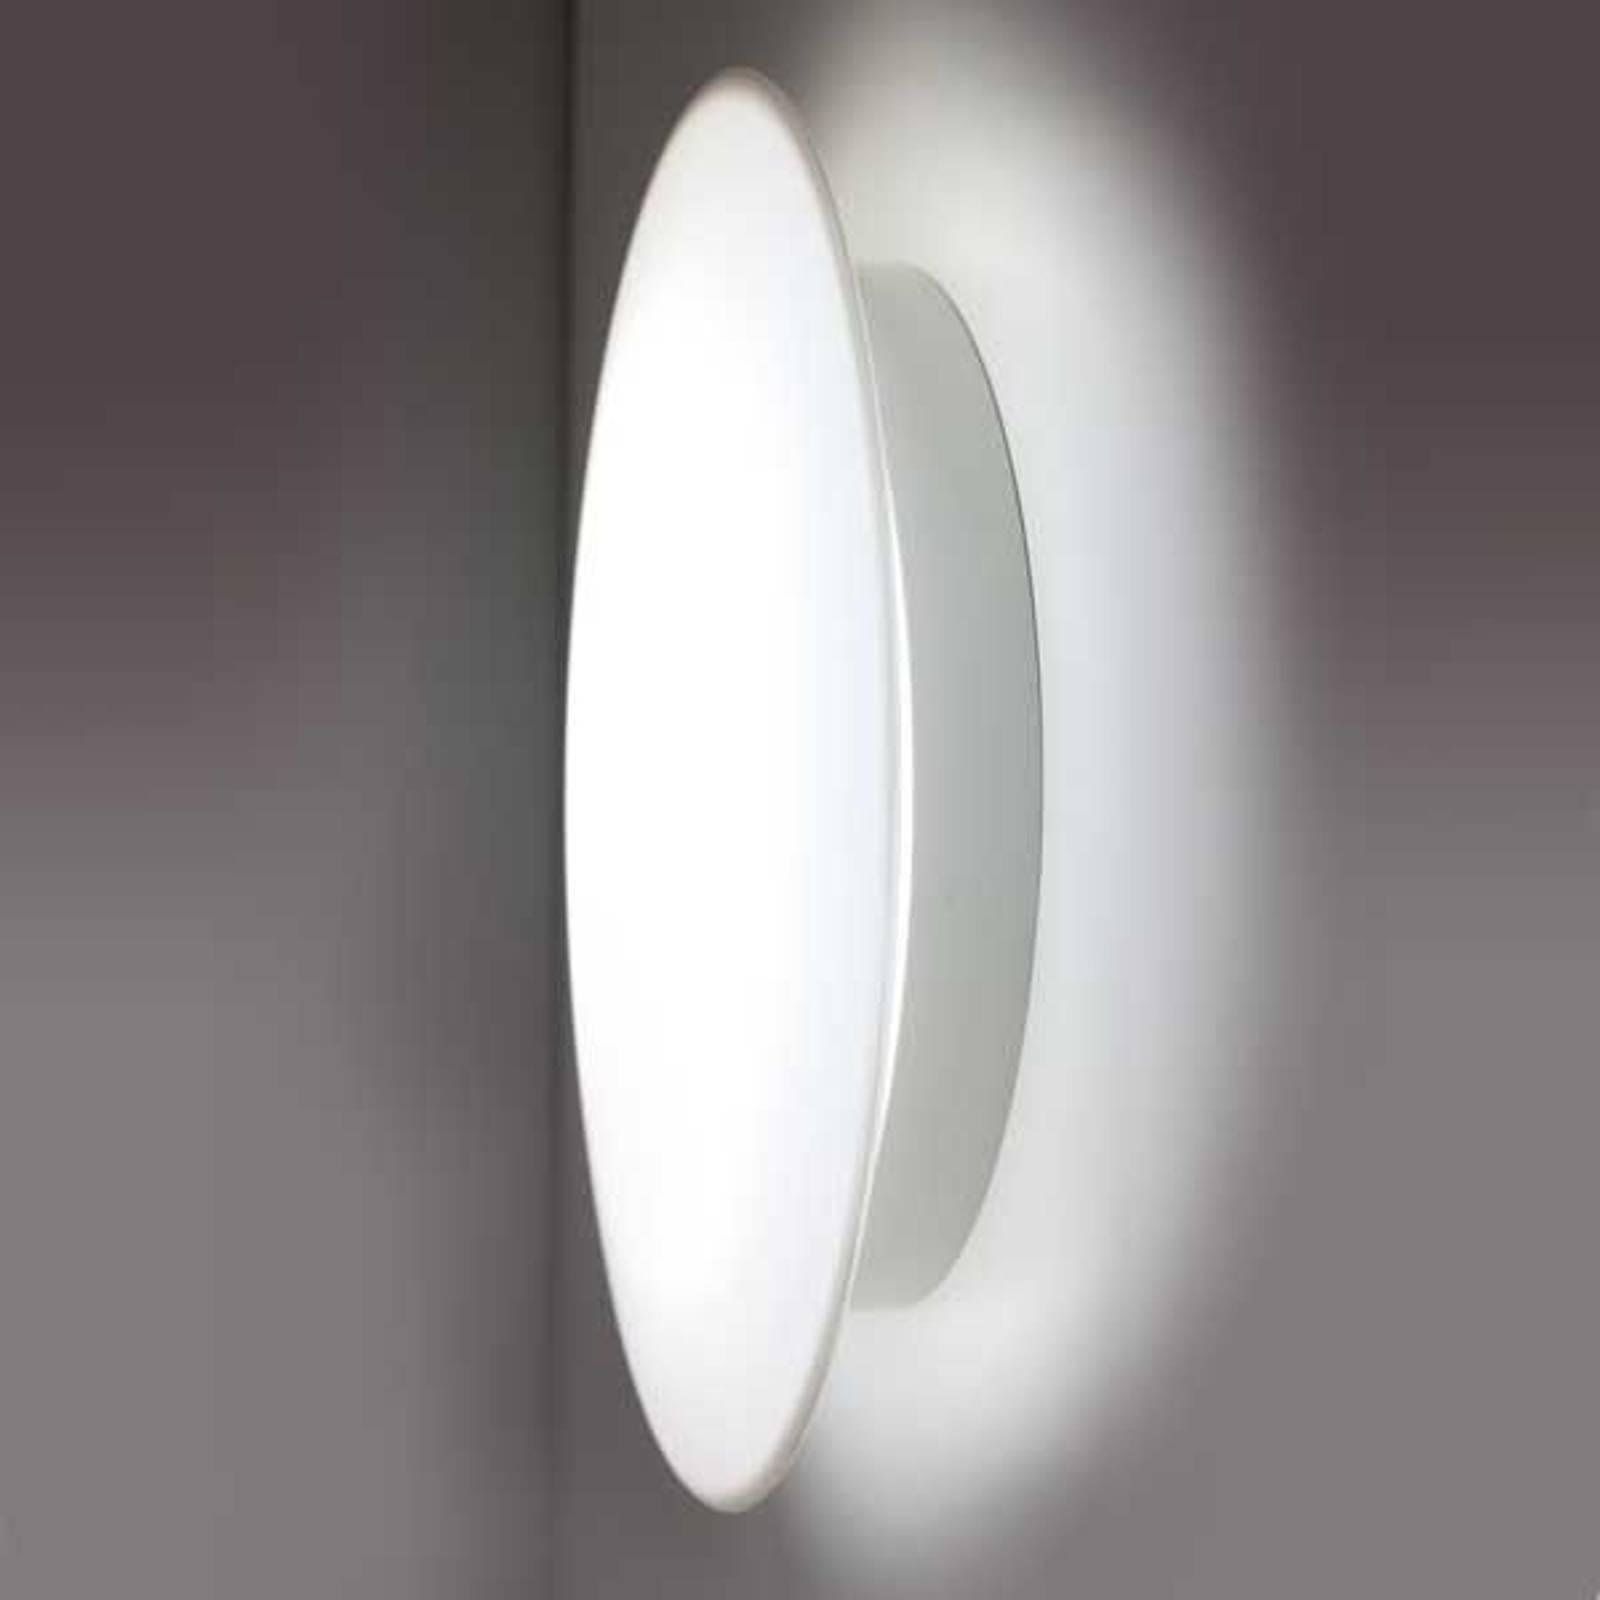 SUN 3 – tulevaisuuden LED-valaisin, valk., 18W 4K